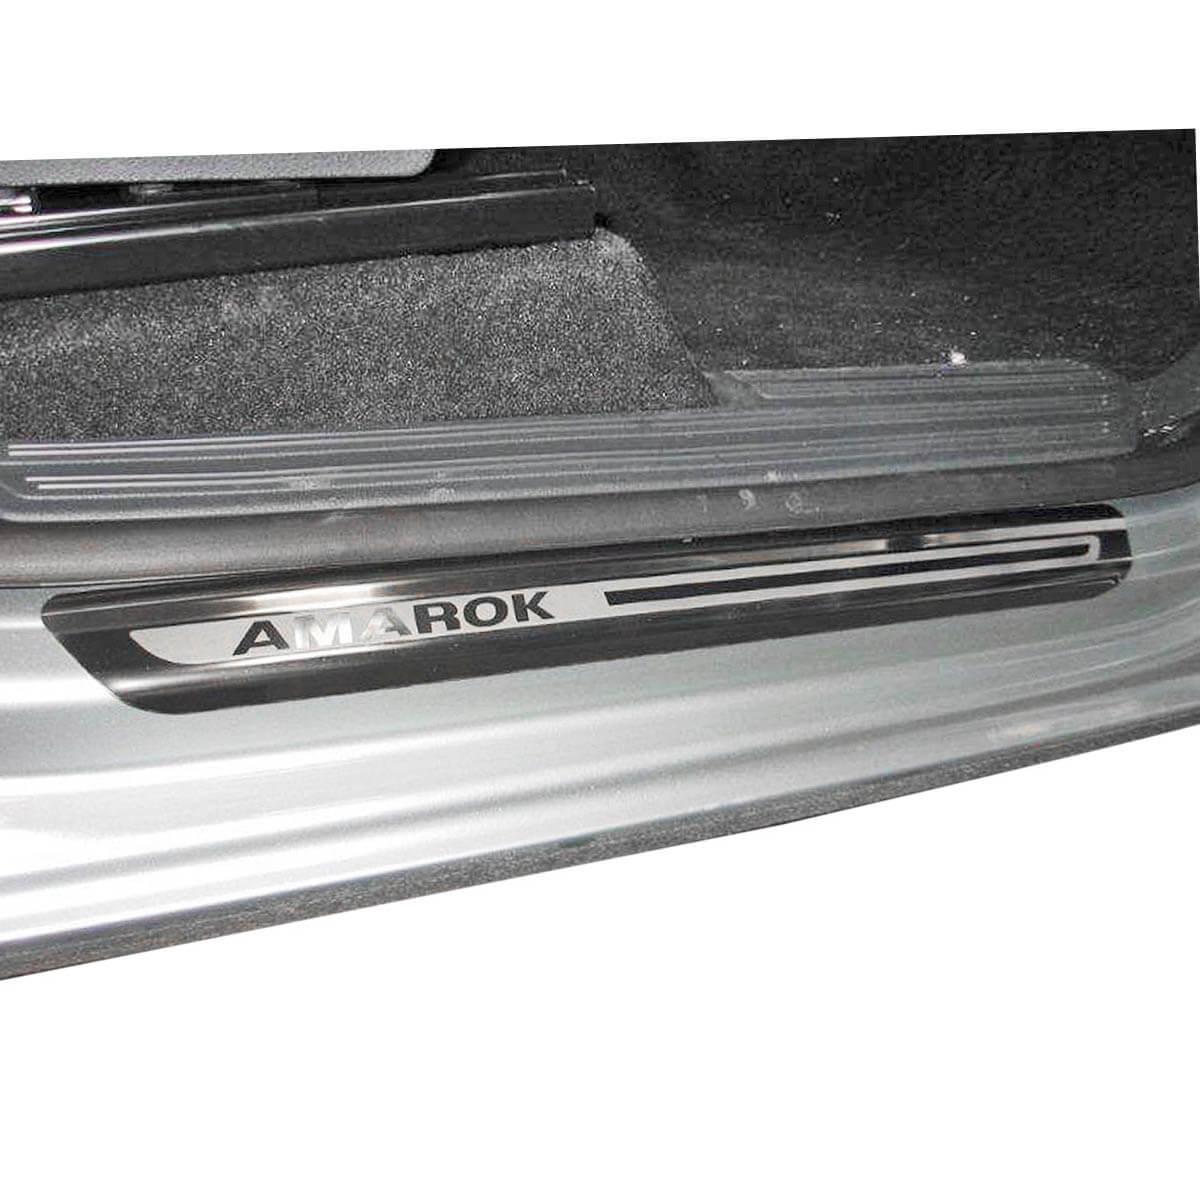 Protetor de soleira aço inox Amarok cabine dupla 2011 a 2017